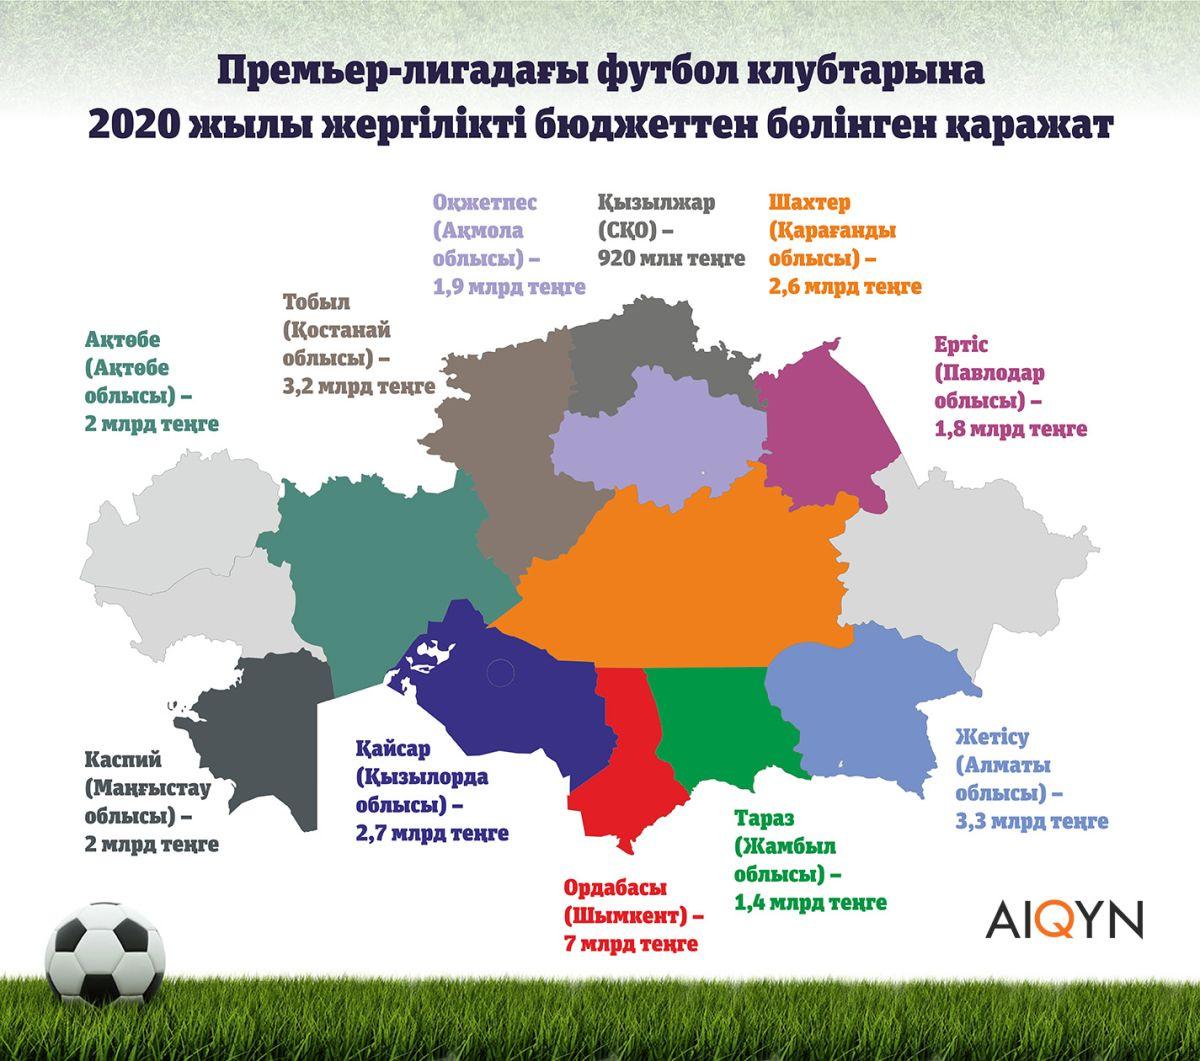 2020 жылы бюджеттен футбол клубтарға қанша қаржы бөлінді?